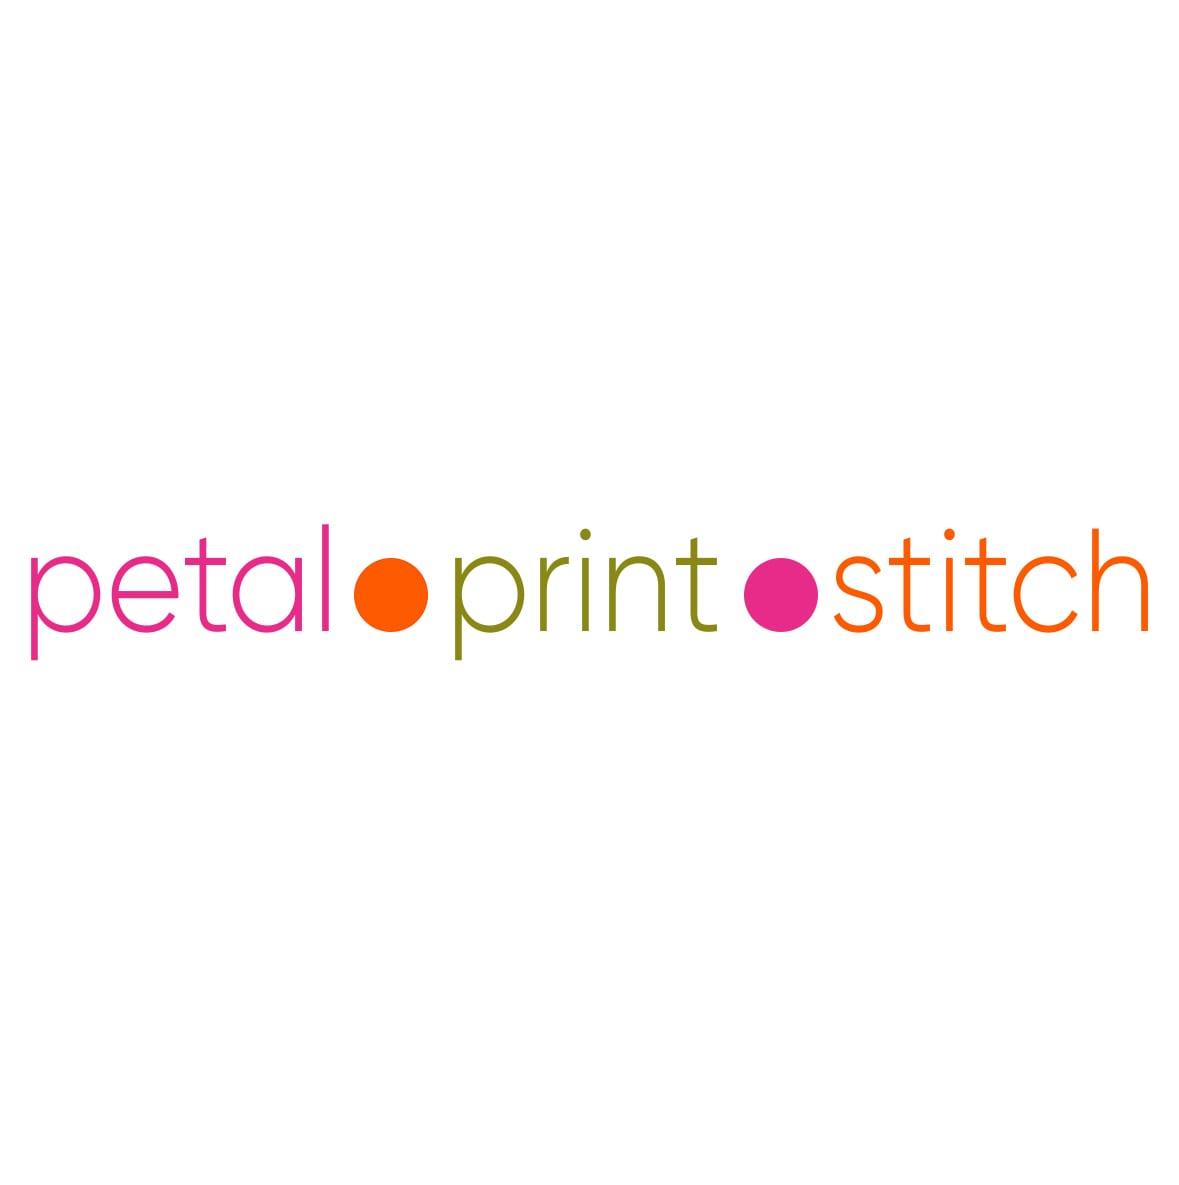 Petal Print Stitch logo